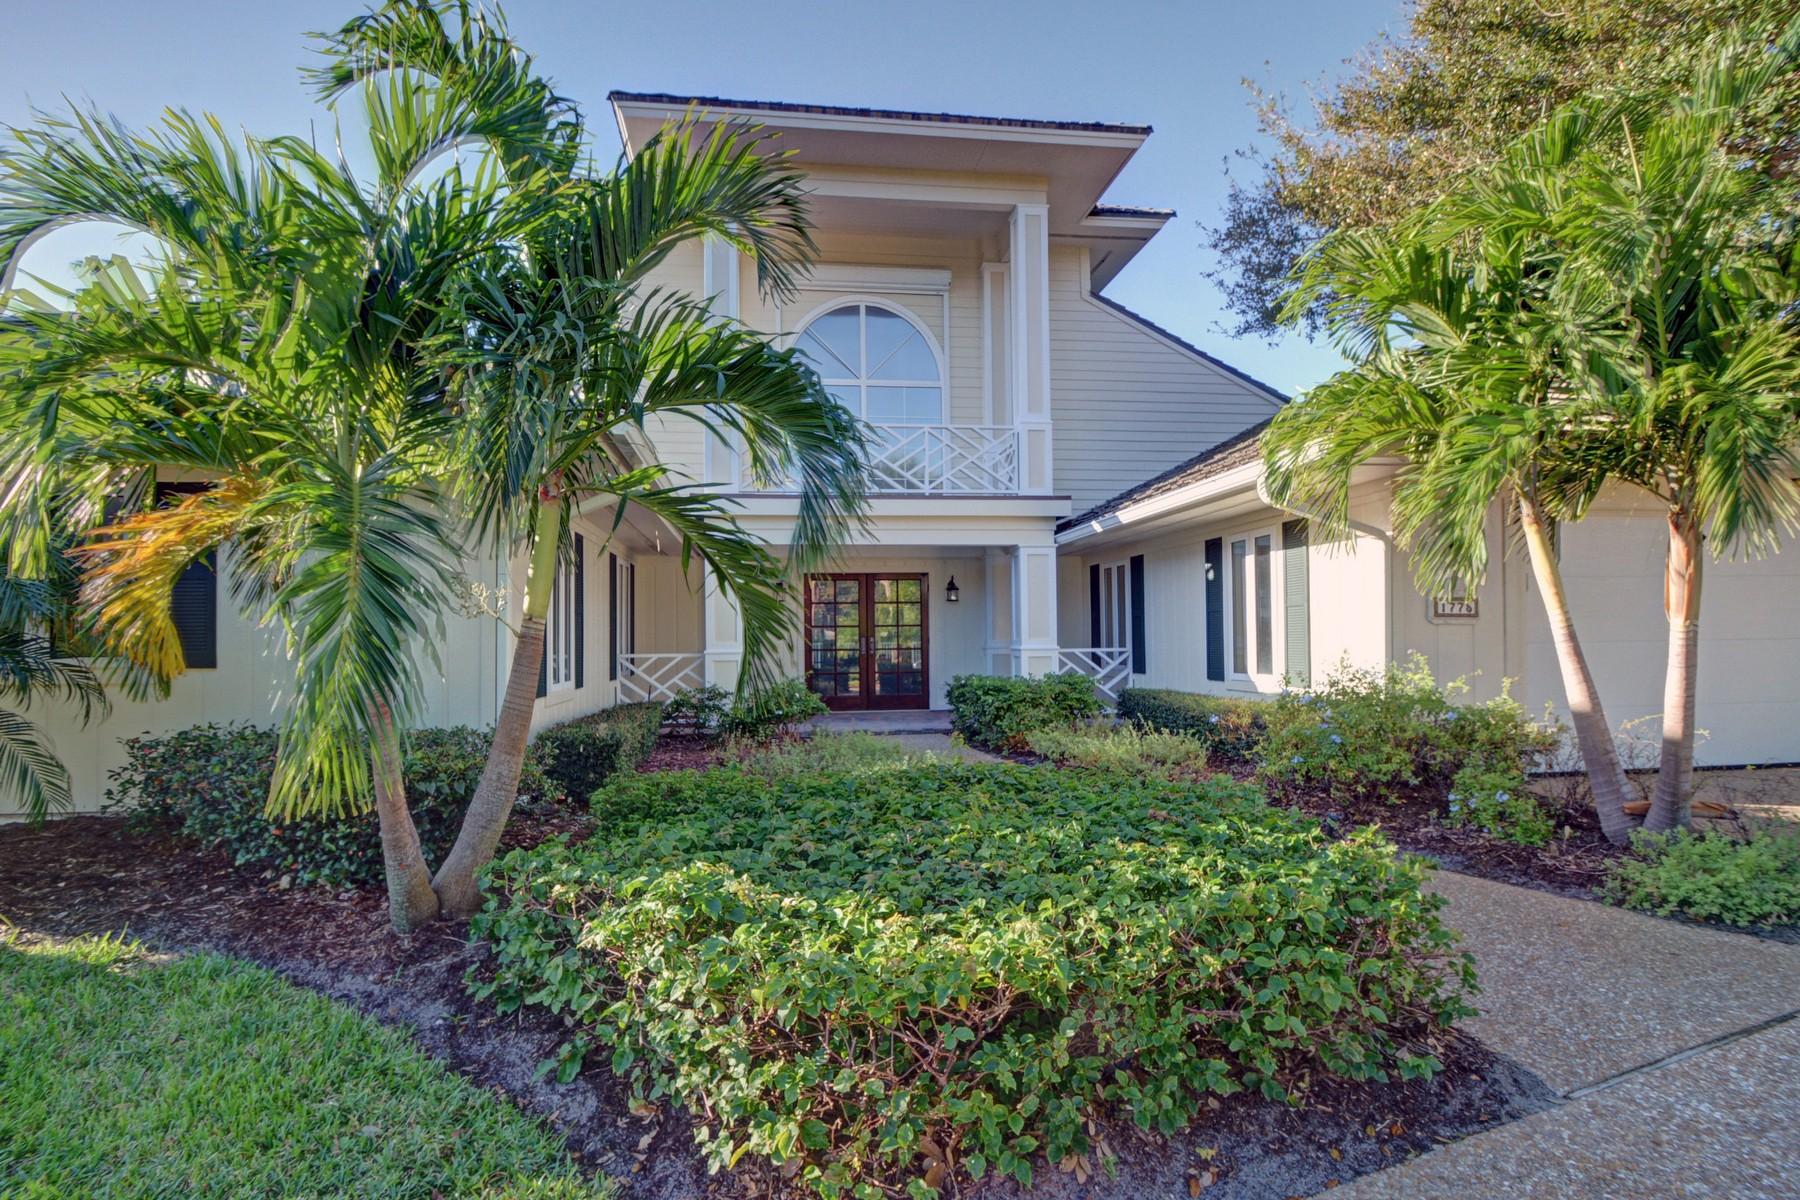 단독 가정 주택 용 매매 에 Wonderful home in Seagrove 1775 Sand Dollar Way Vero Beach, 플로리다, 32963 미국